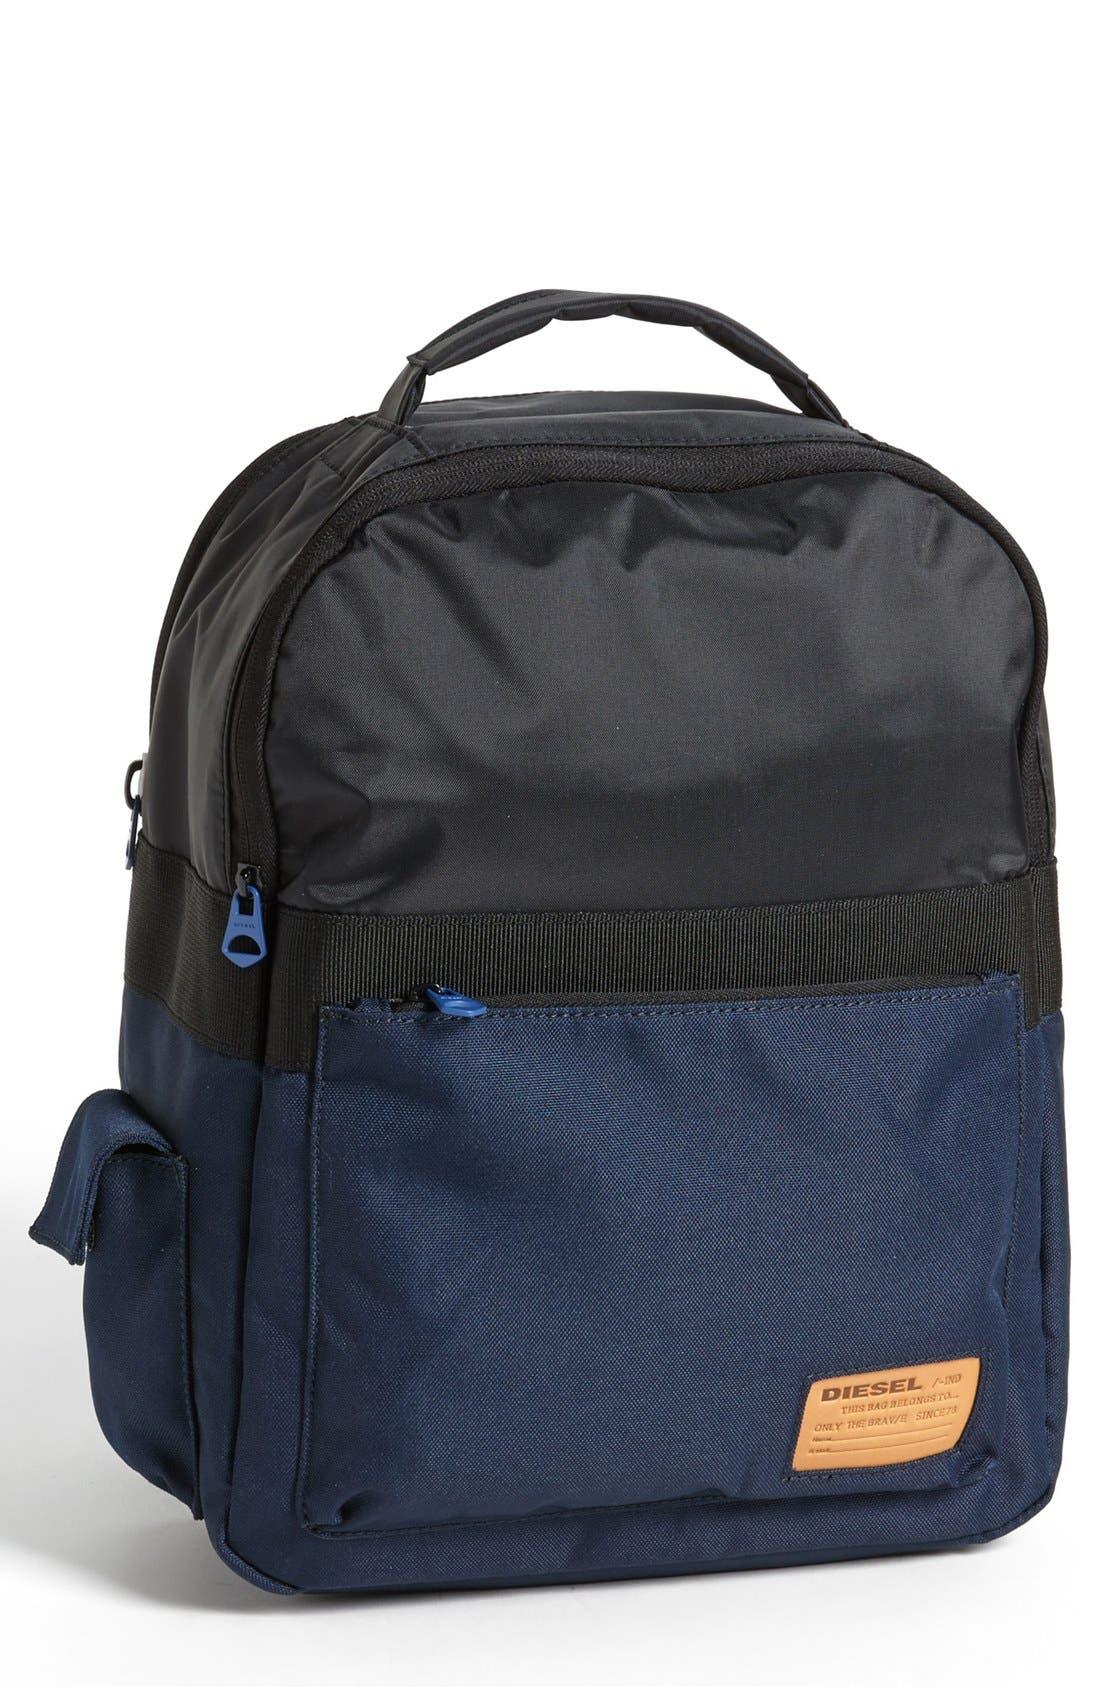 Alternate Image 1 Selected - DIESEL® 'Hard Users' Backpack